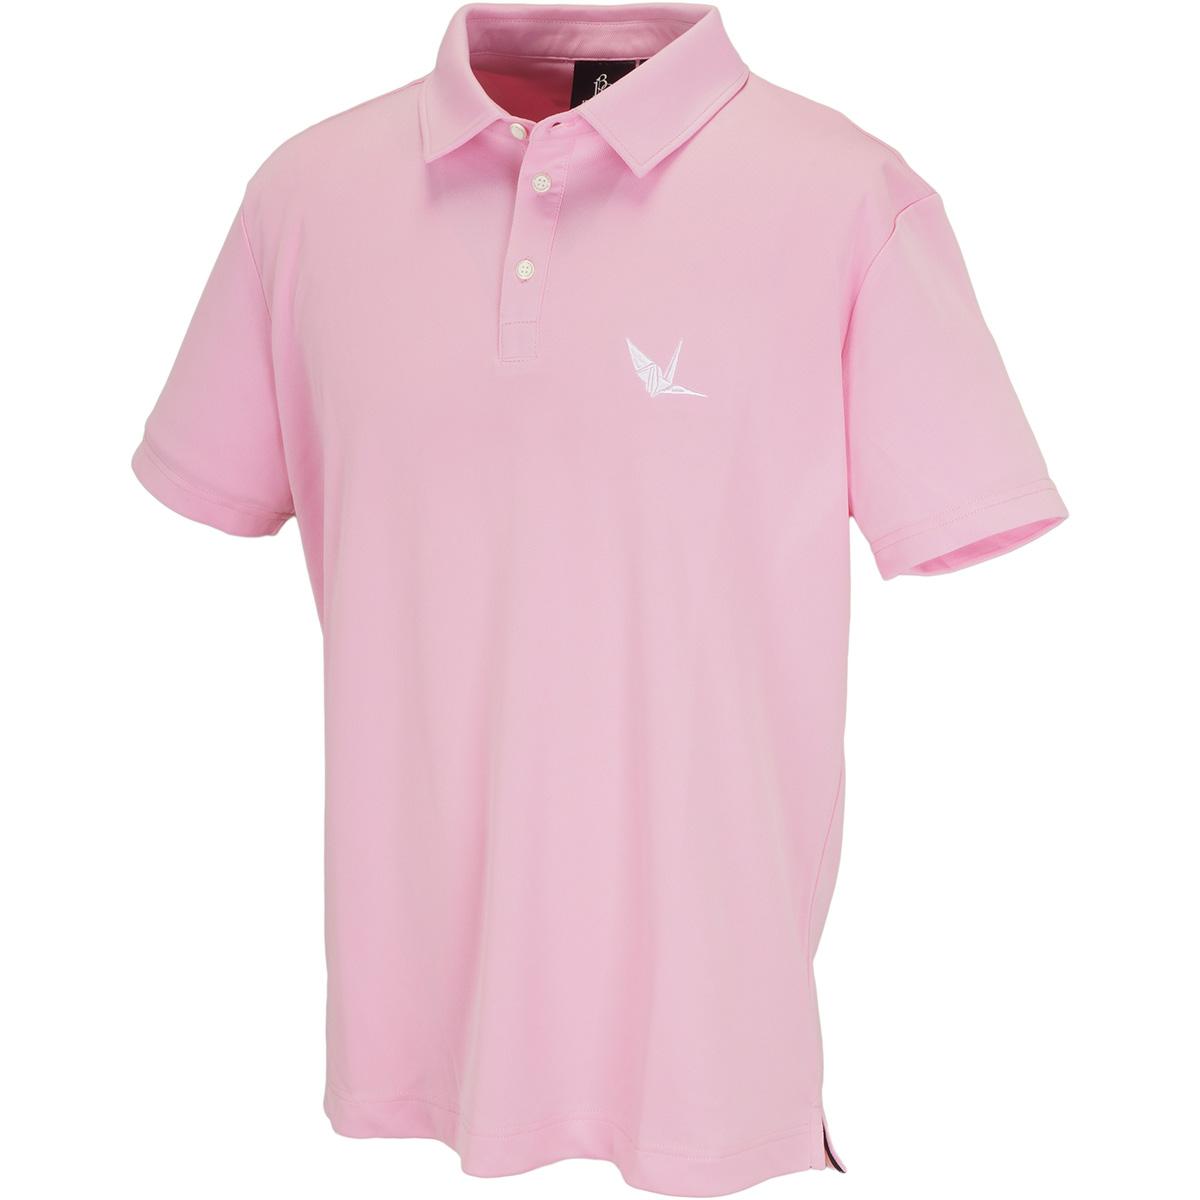 プレーン半袖ポロシャツ